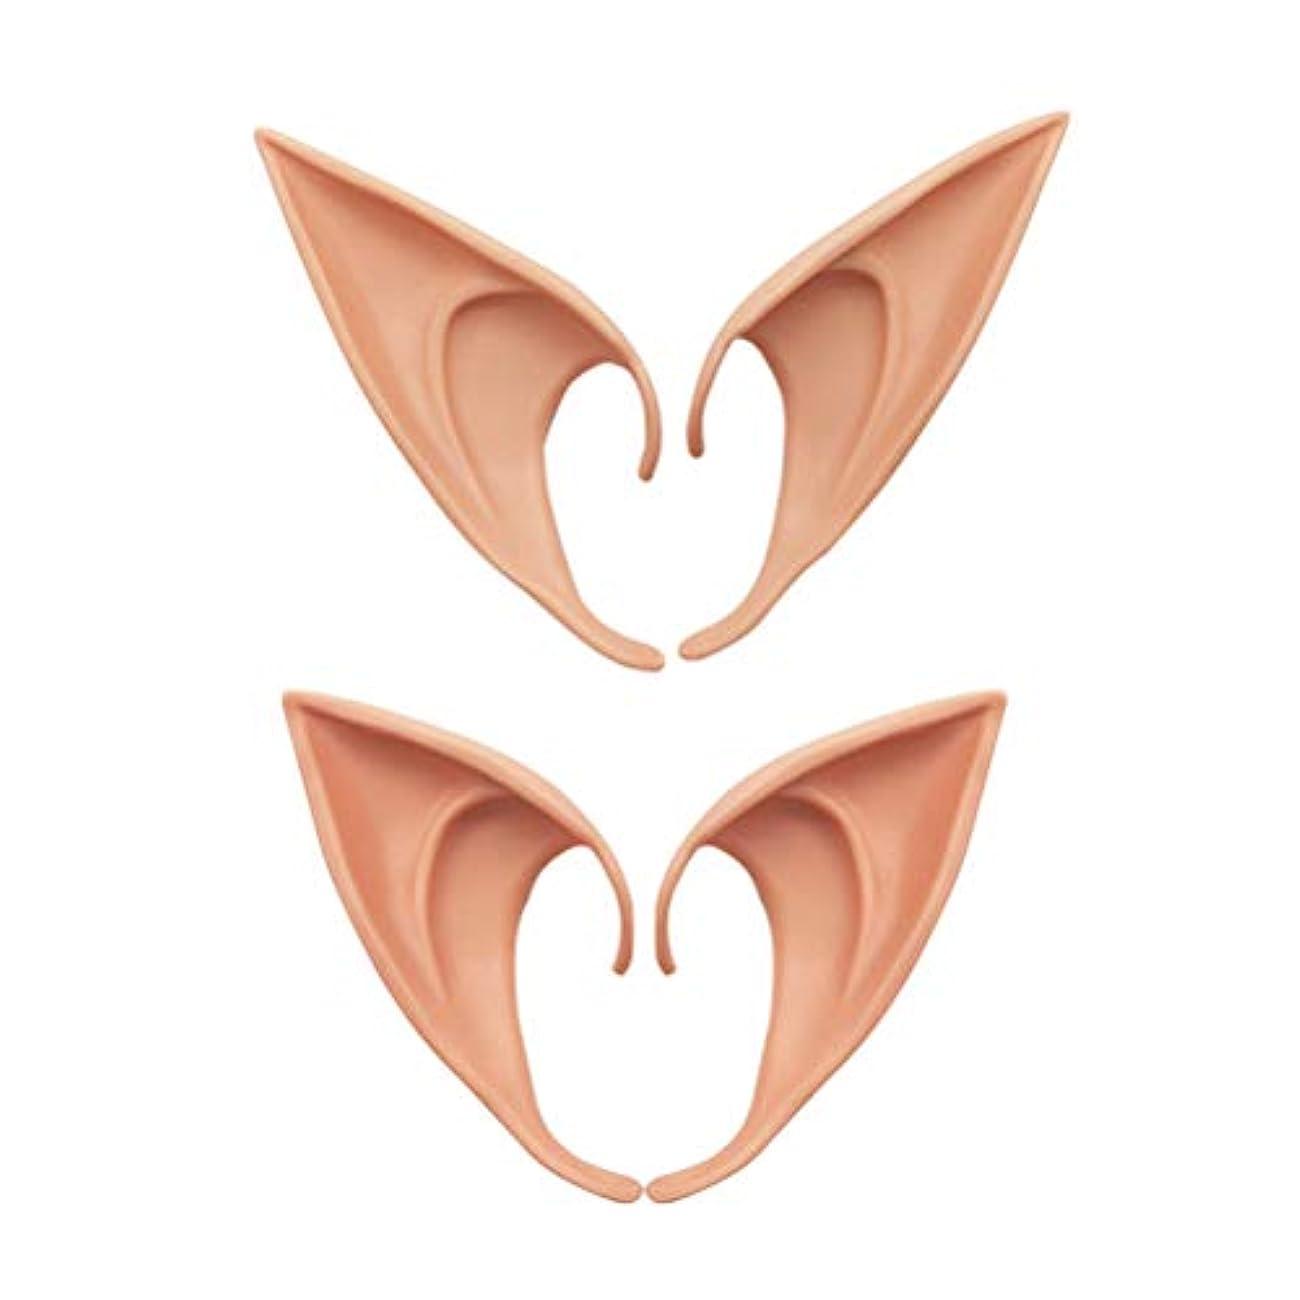 ピストル聡明蛇行Toyvian エルフ耳コスプレイースターカーニバルパーティーエルフコスチューム補綴耳偽のヒント耳写真小道具4ピース